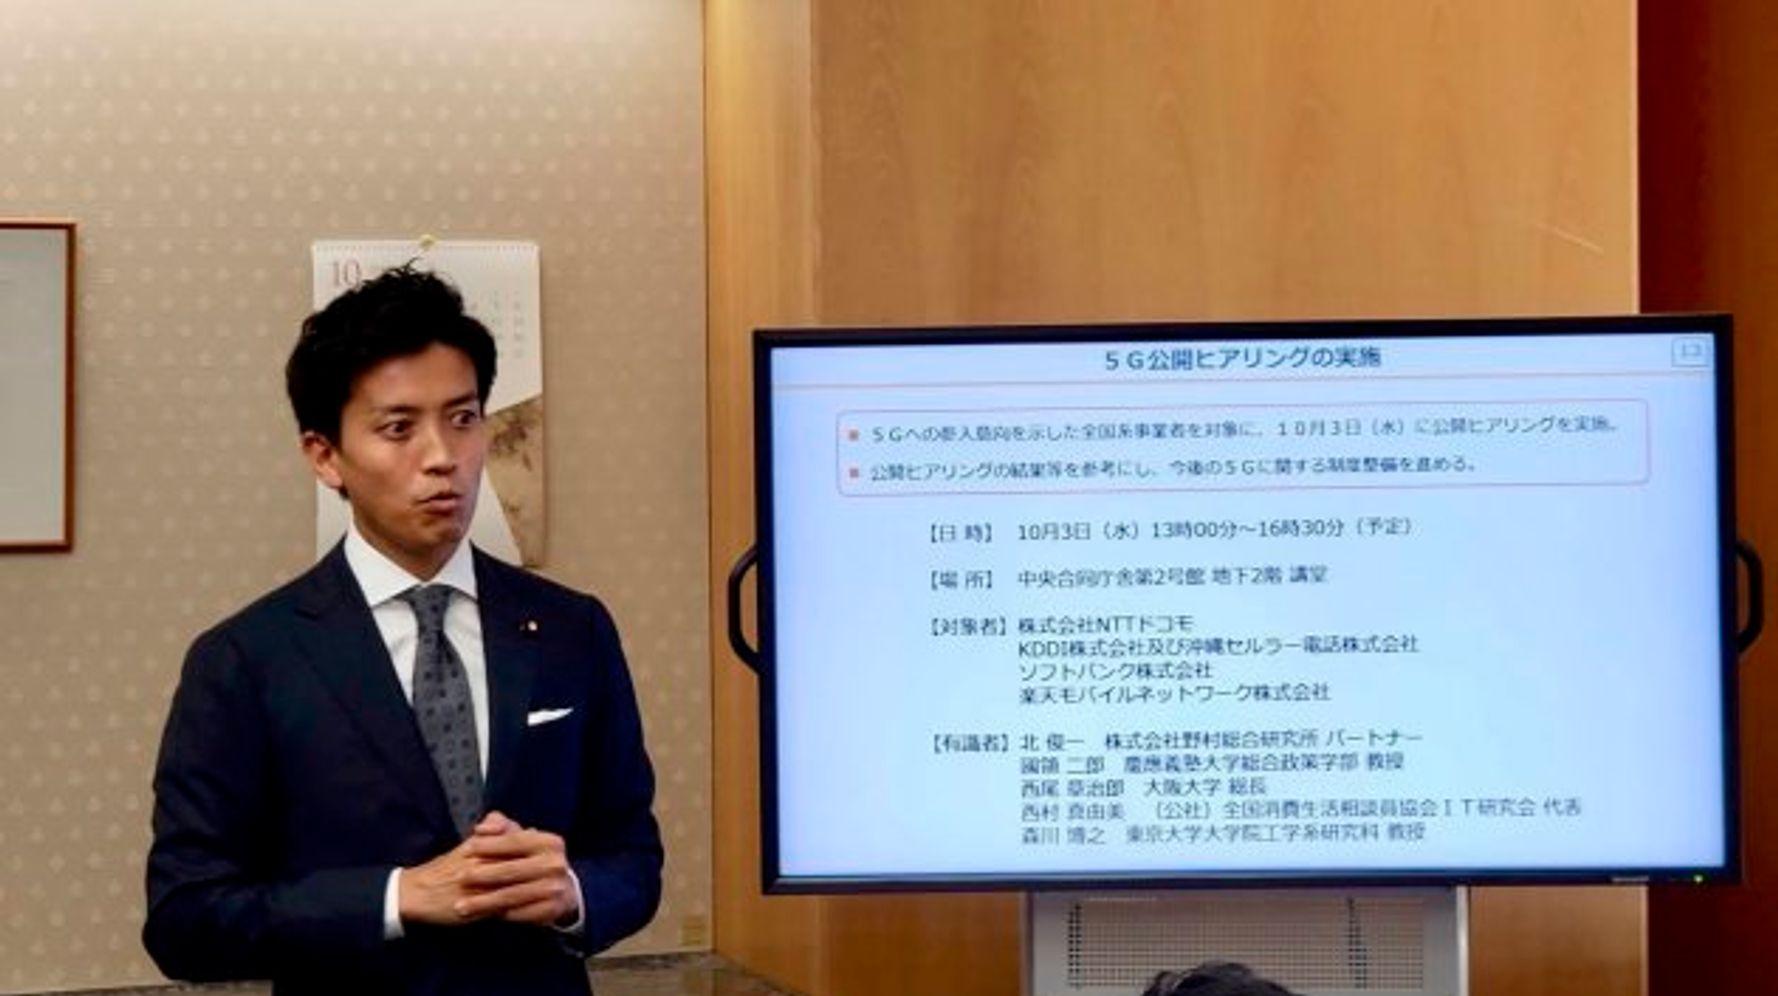 台風24号で鉄道ダイヤが混乱 ⇒「あの状態で通勤すべきか」総務大臣政務官がテレワークの必要性を強調